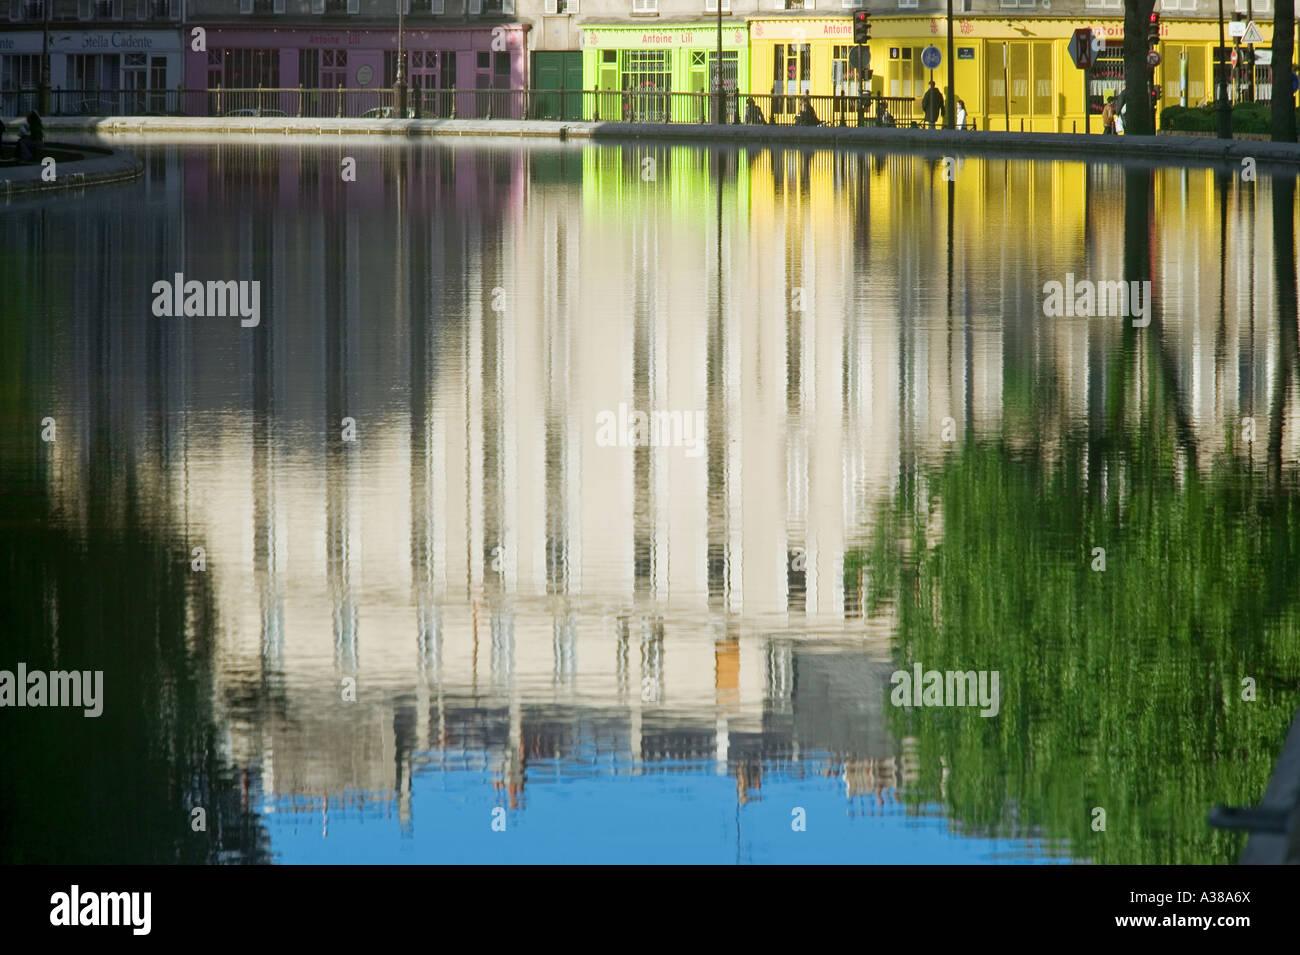 CANAL SAINT-MARTIN - PARIS - FRANCE - Stock Image